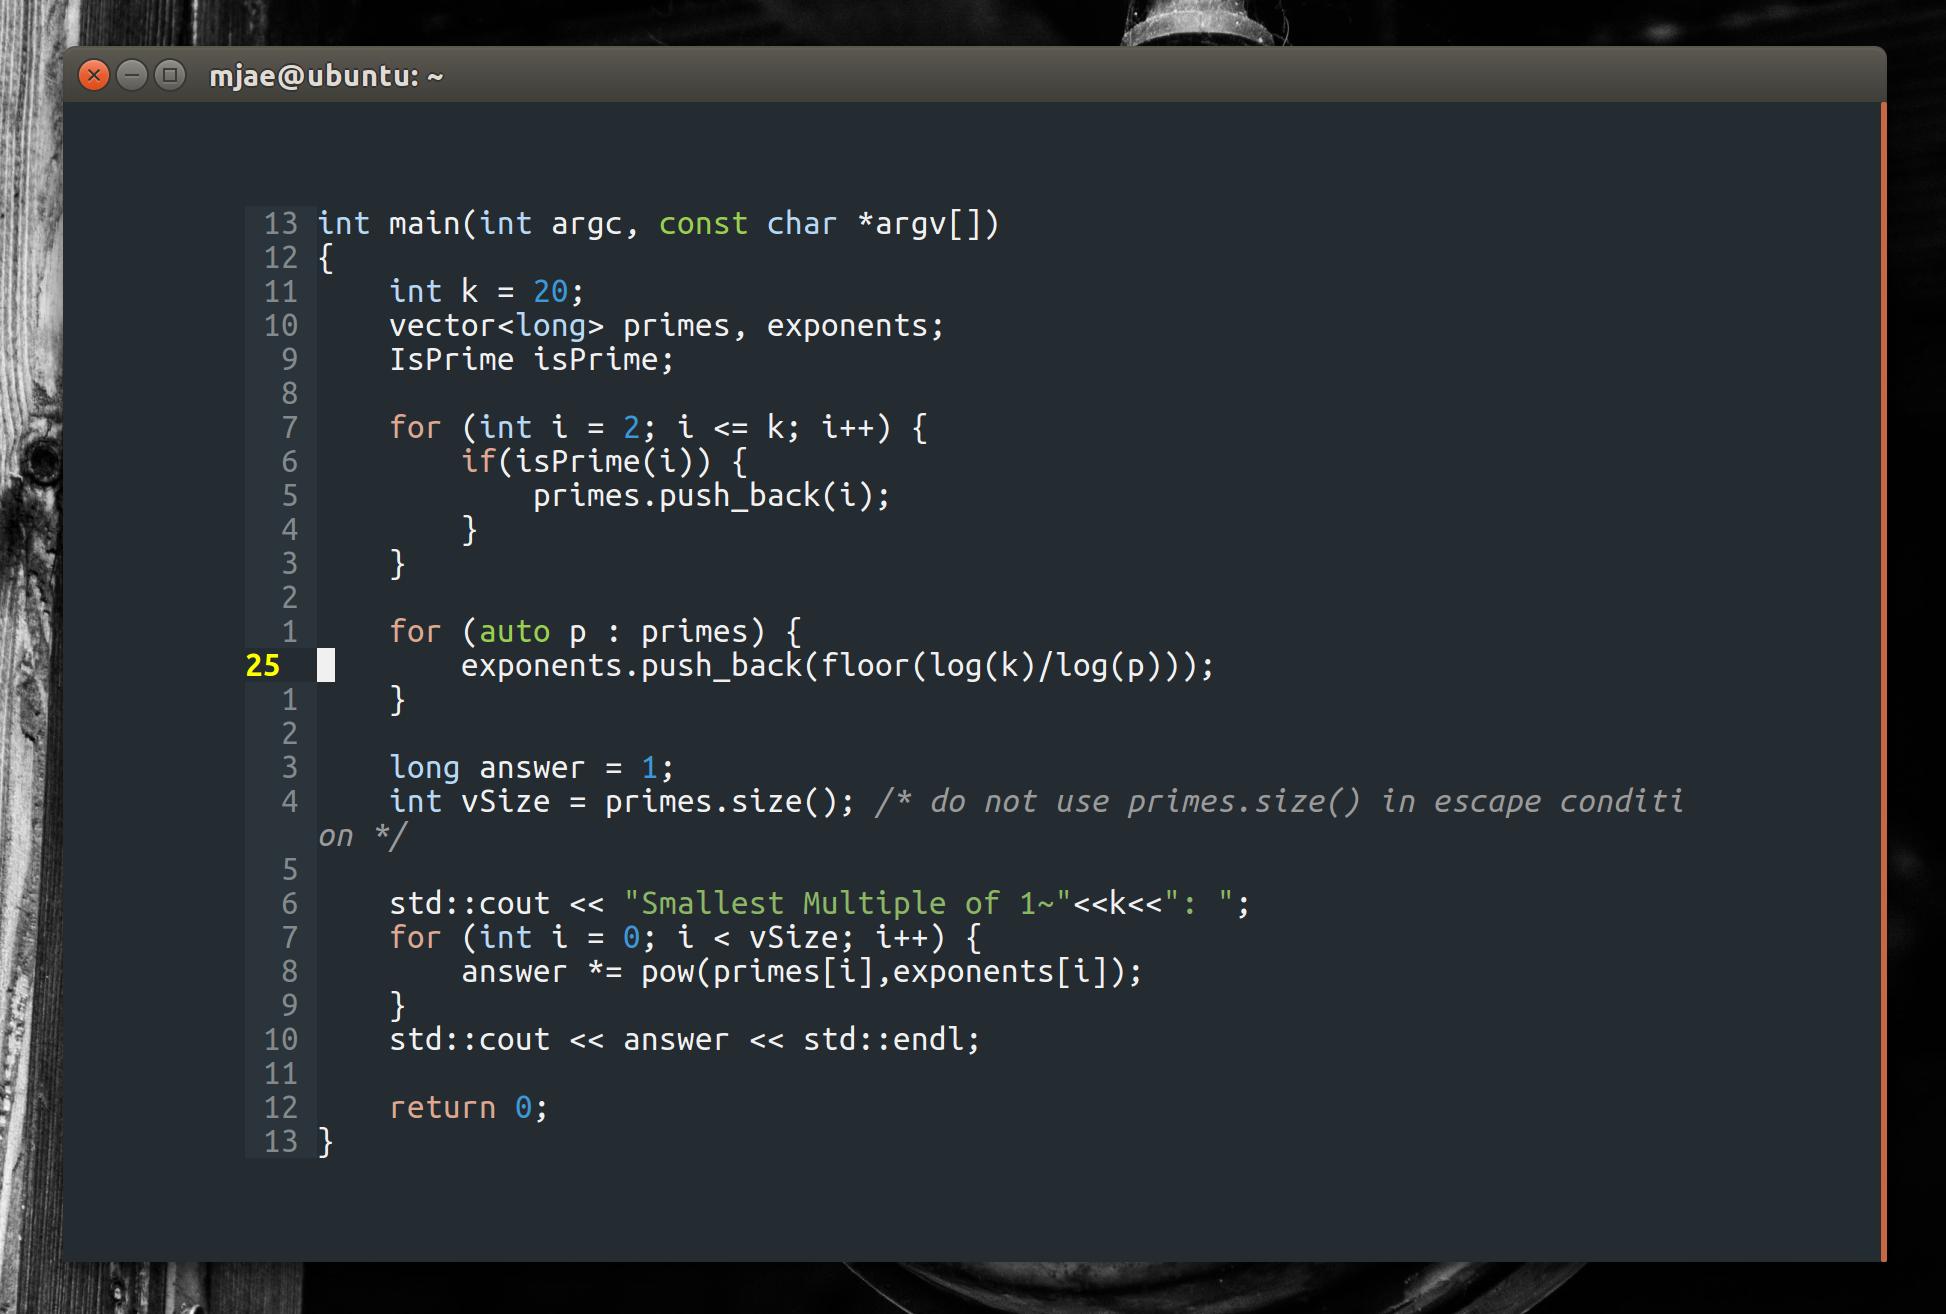 버튼 하나만 누르면 오직 코드만 보이게 해서 집중도를 높일 수 있습니다.